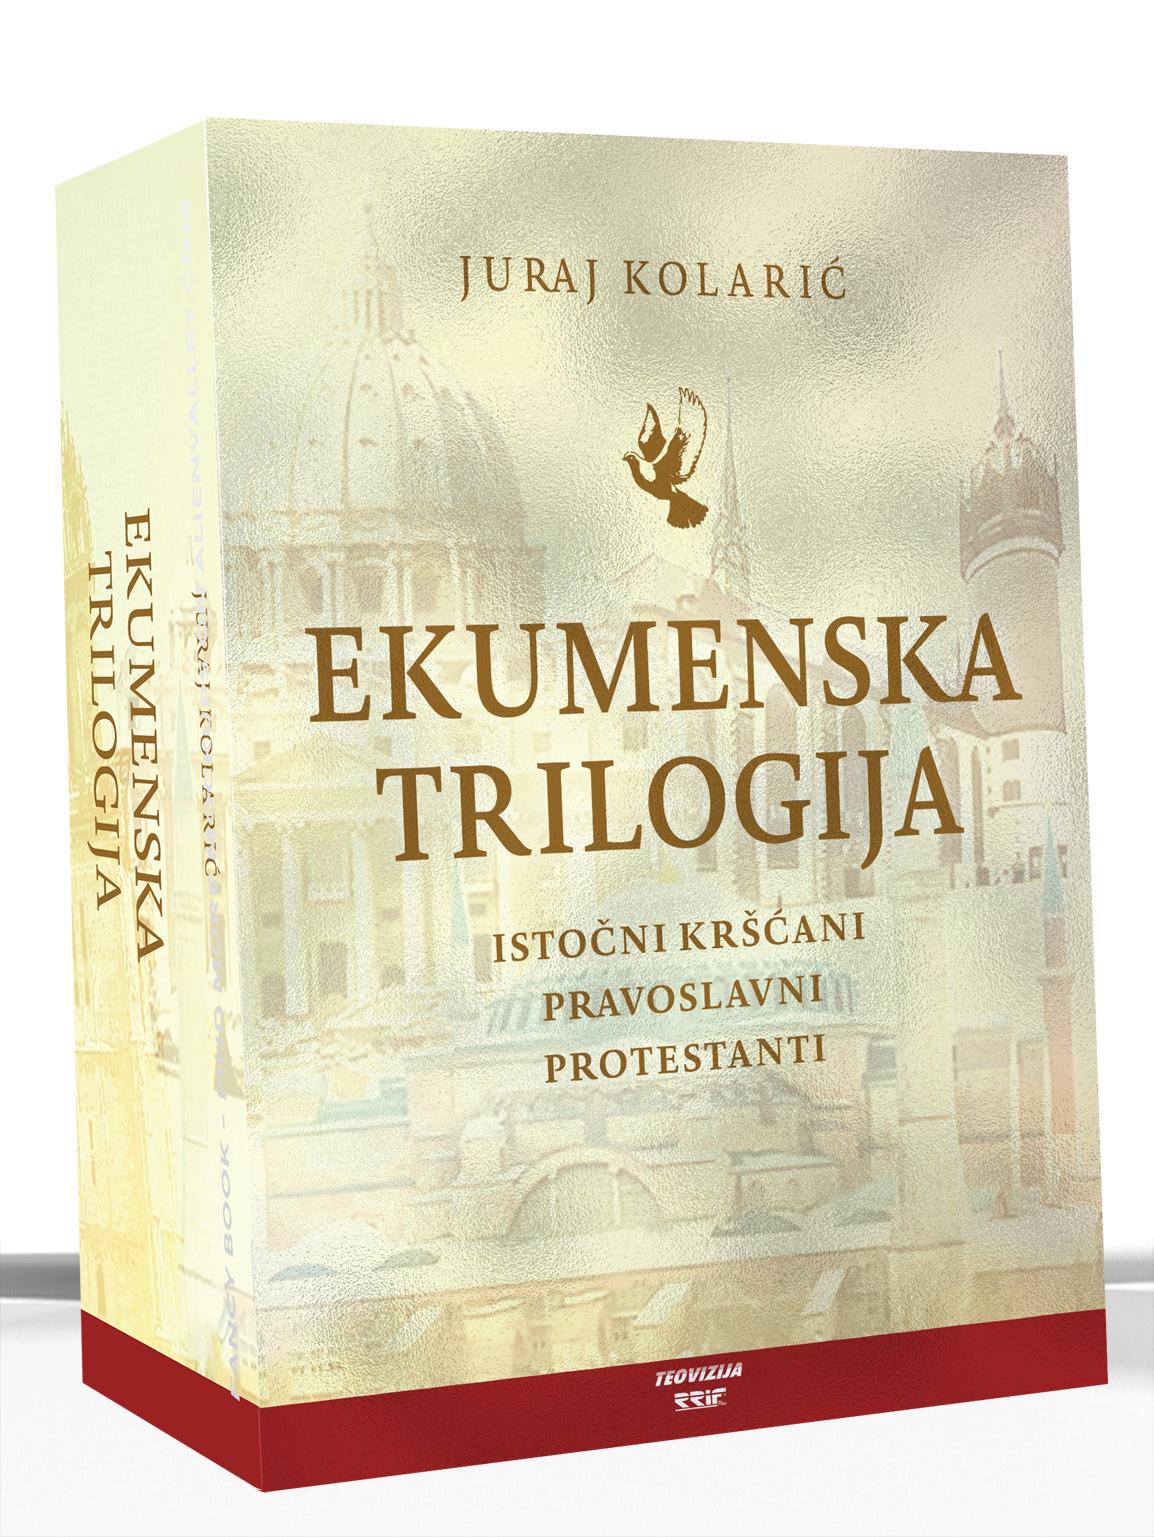 EKUMENSKA TRILOGIJA - Juraj Kolarić